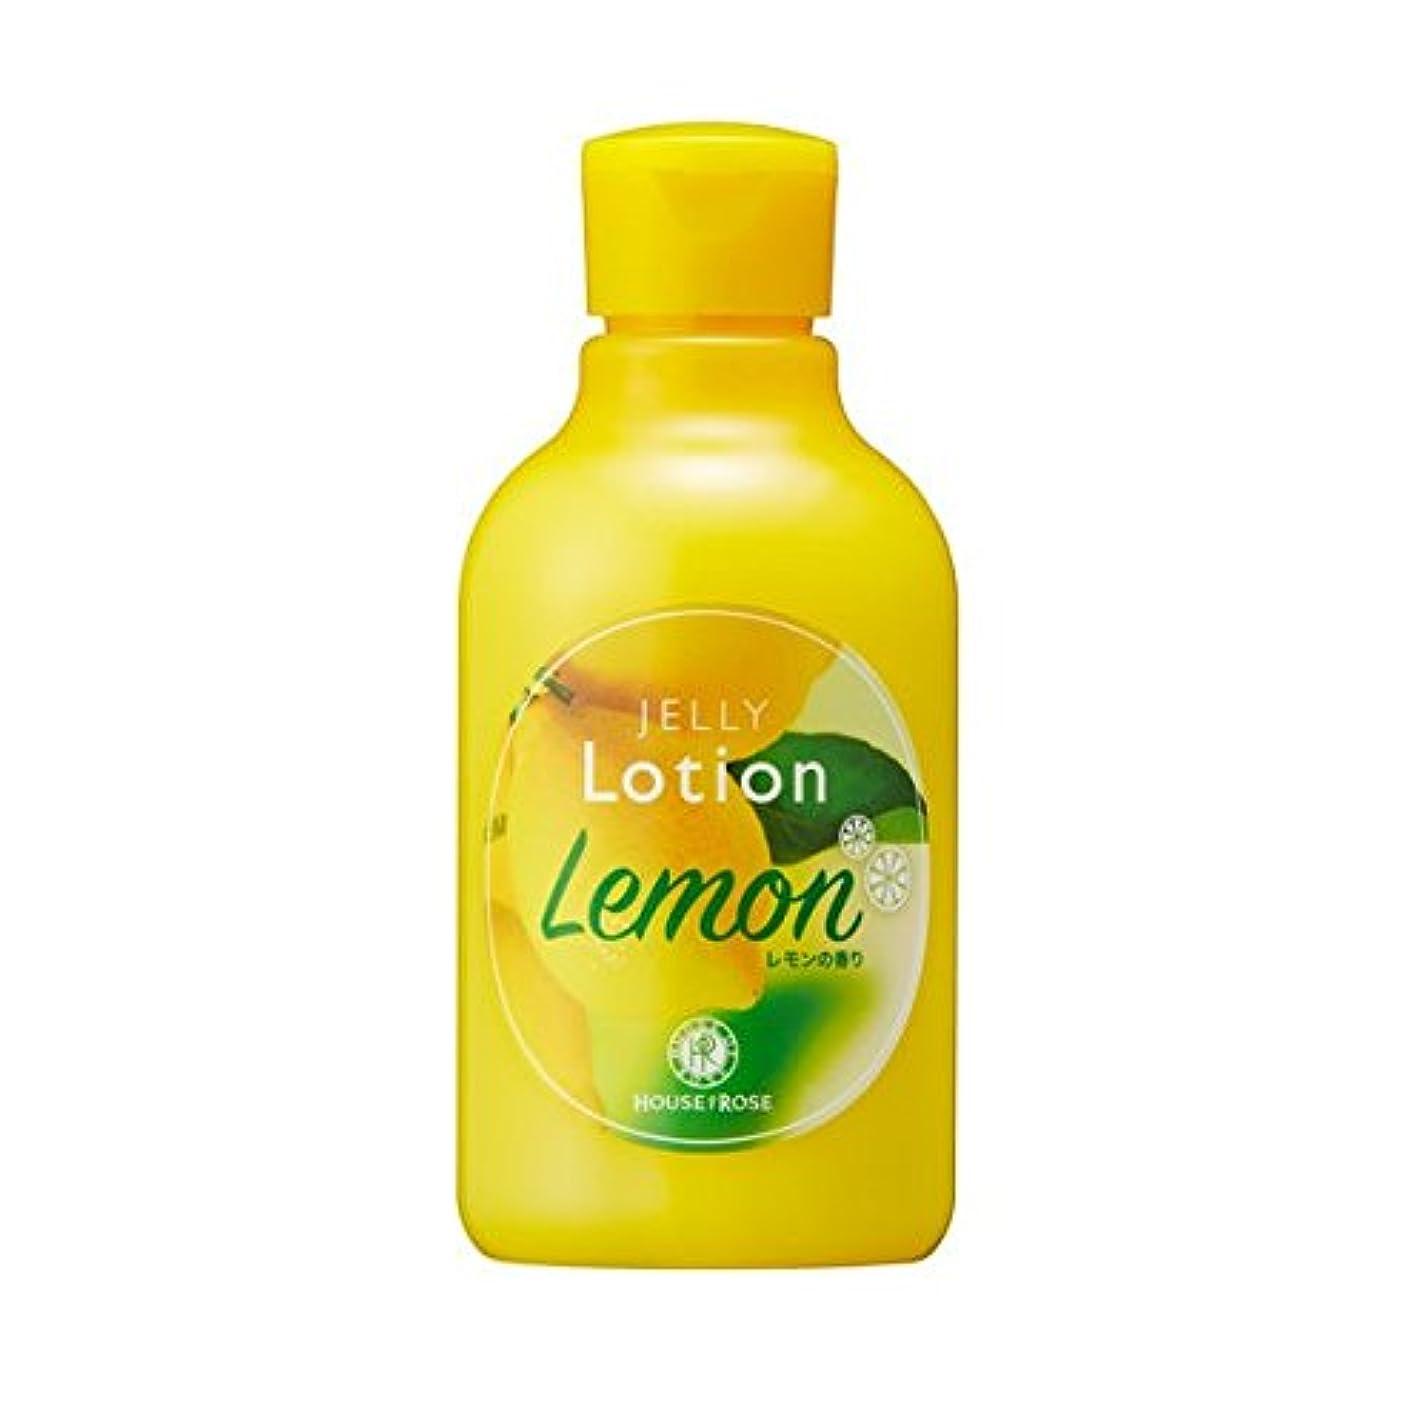 リンクマーチャンダイジング処理HOUSE OF ROSE(ハウスオブローゼ) ハウスオブローゼ/ジェリーローション LM(レモンの香り)200mL